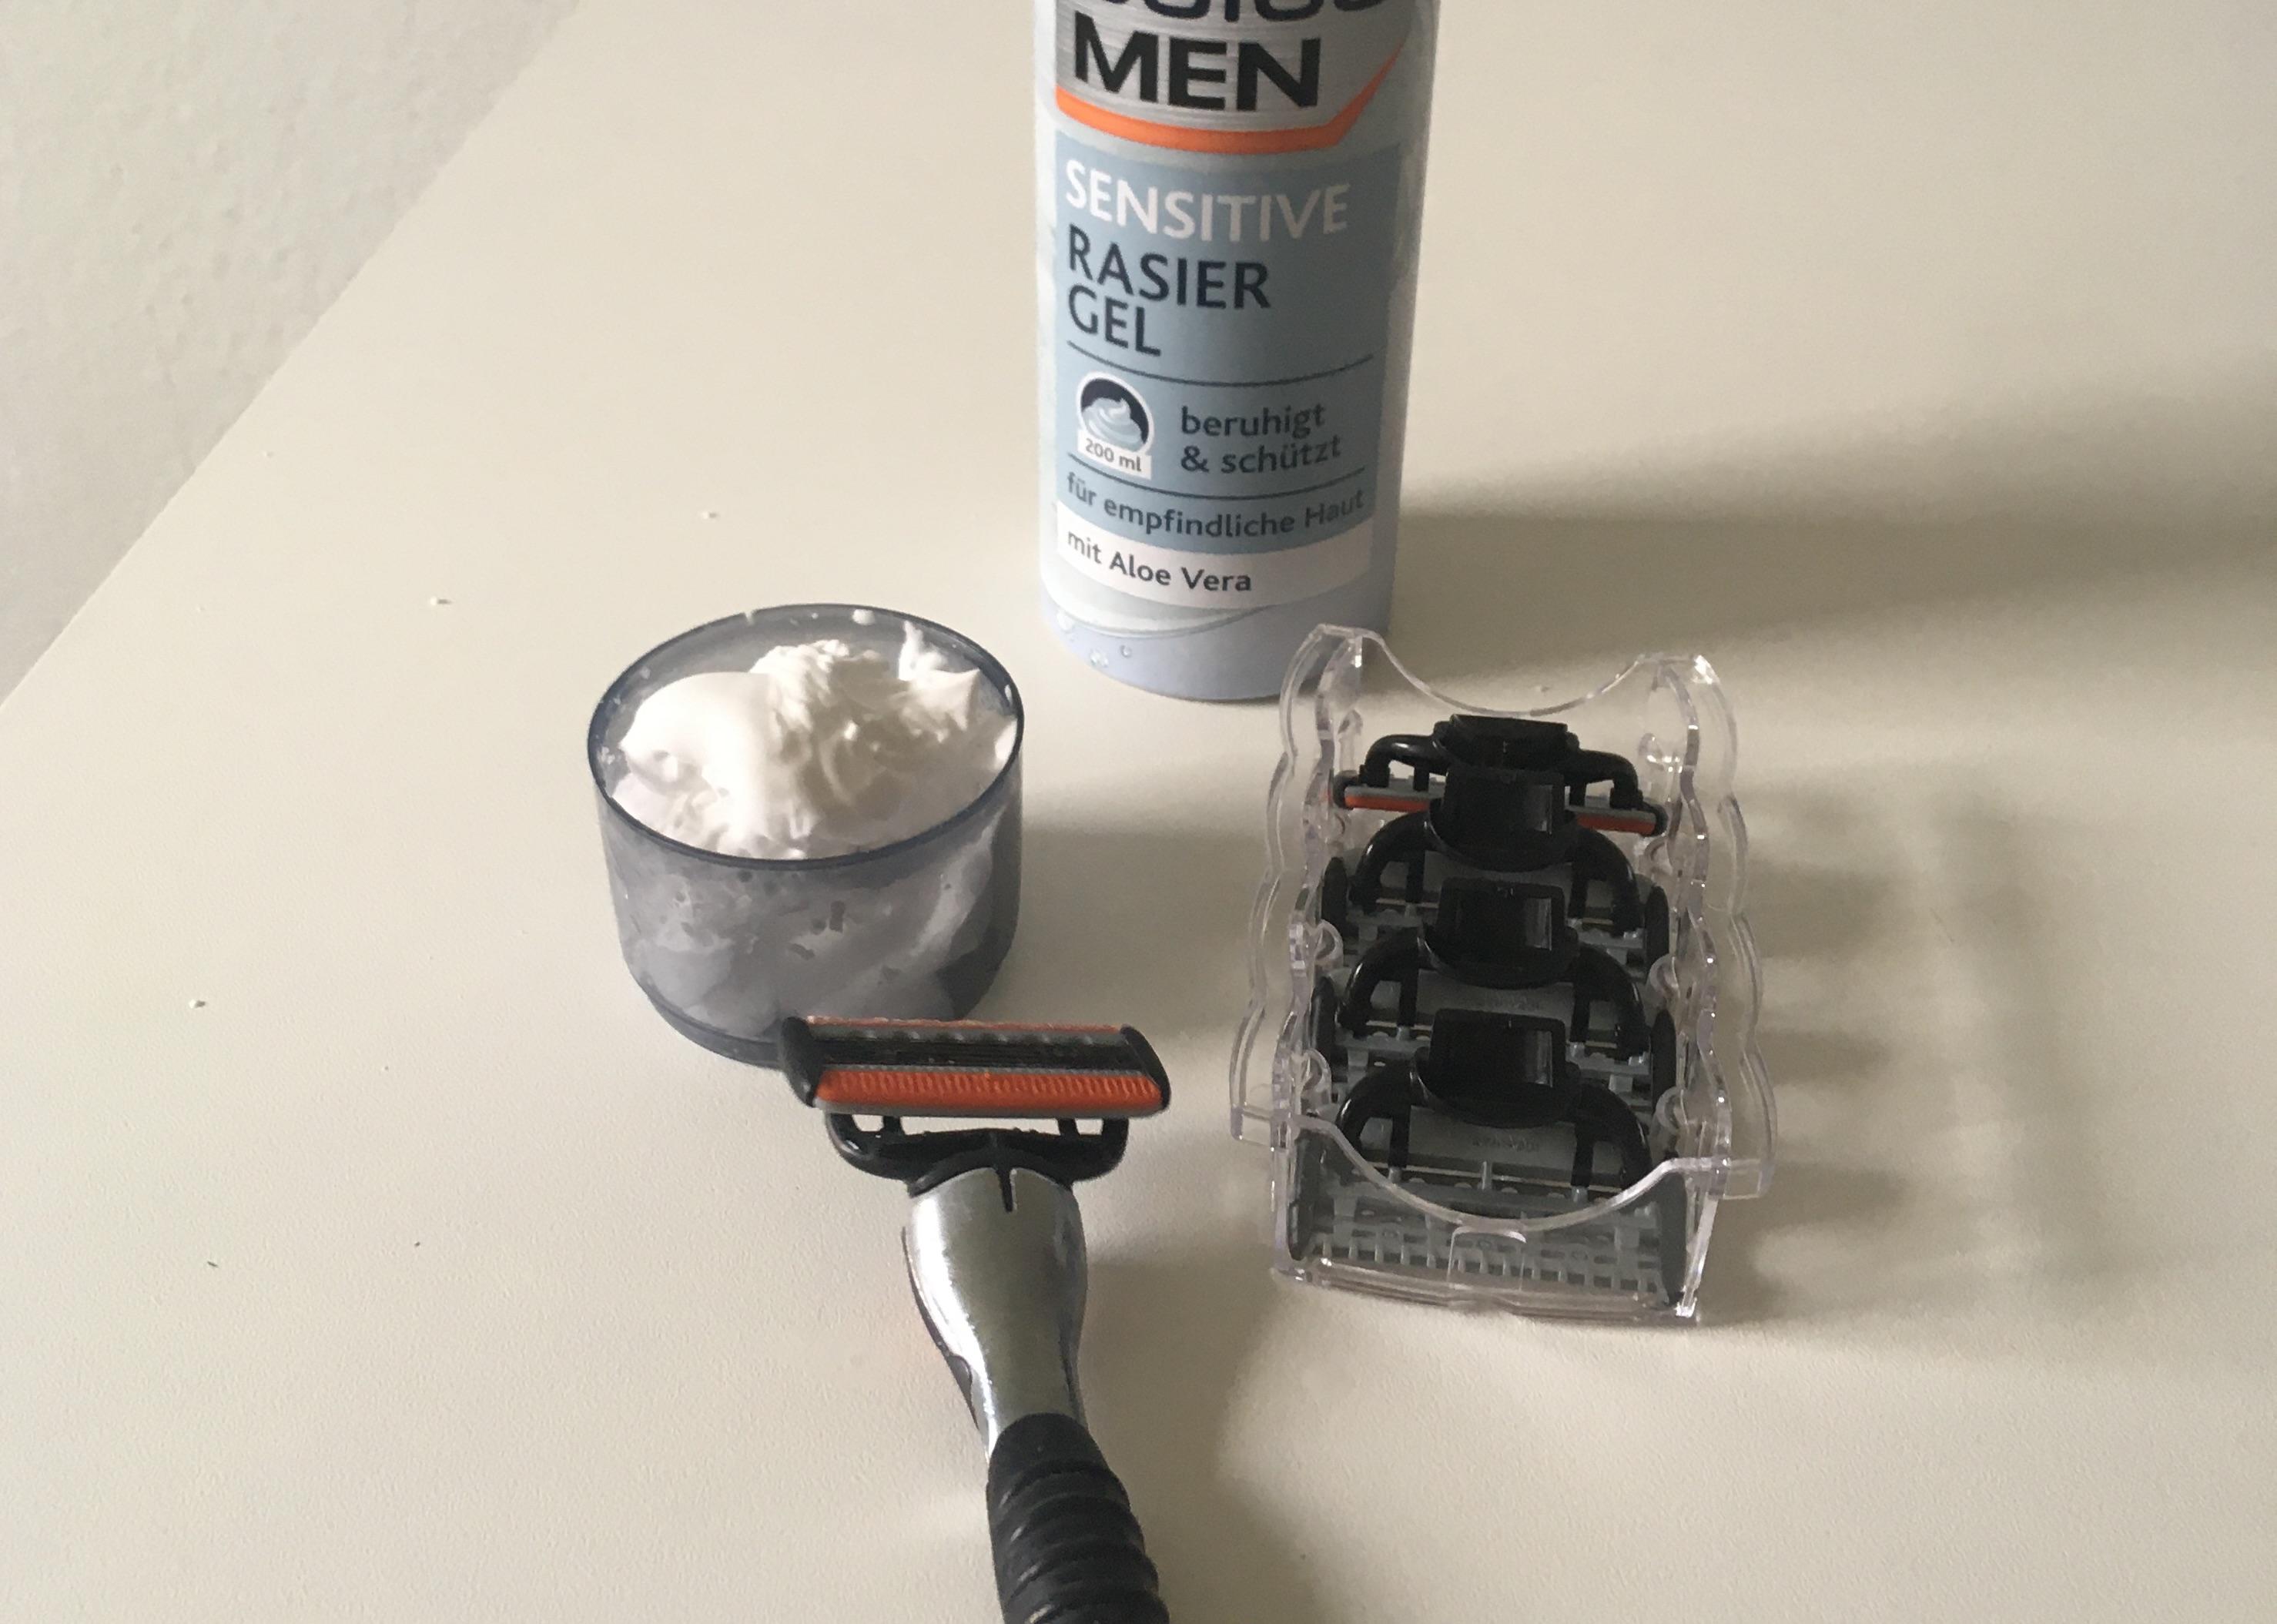 pflegen-rasieren-rasierklingen